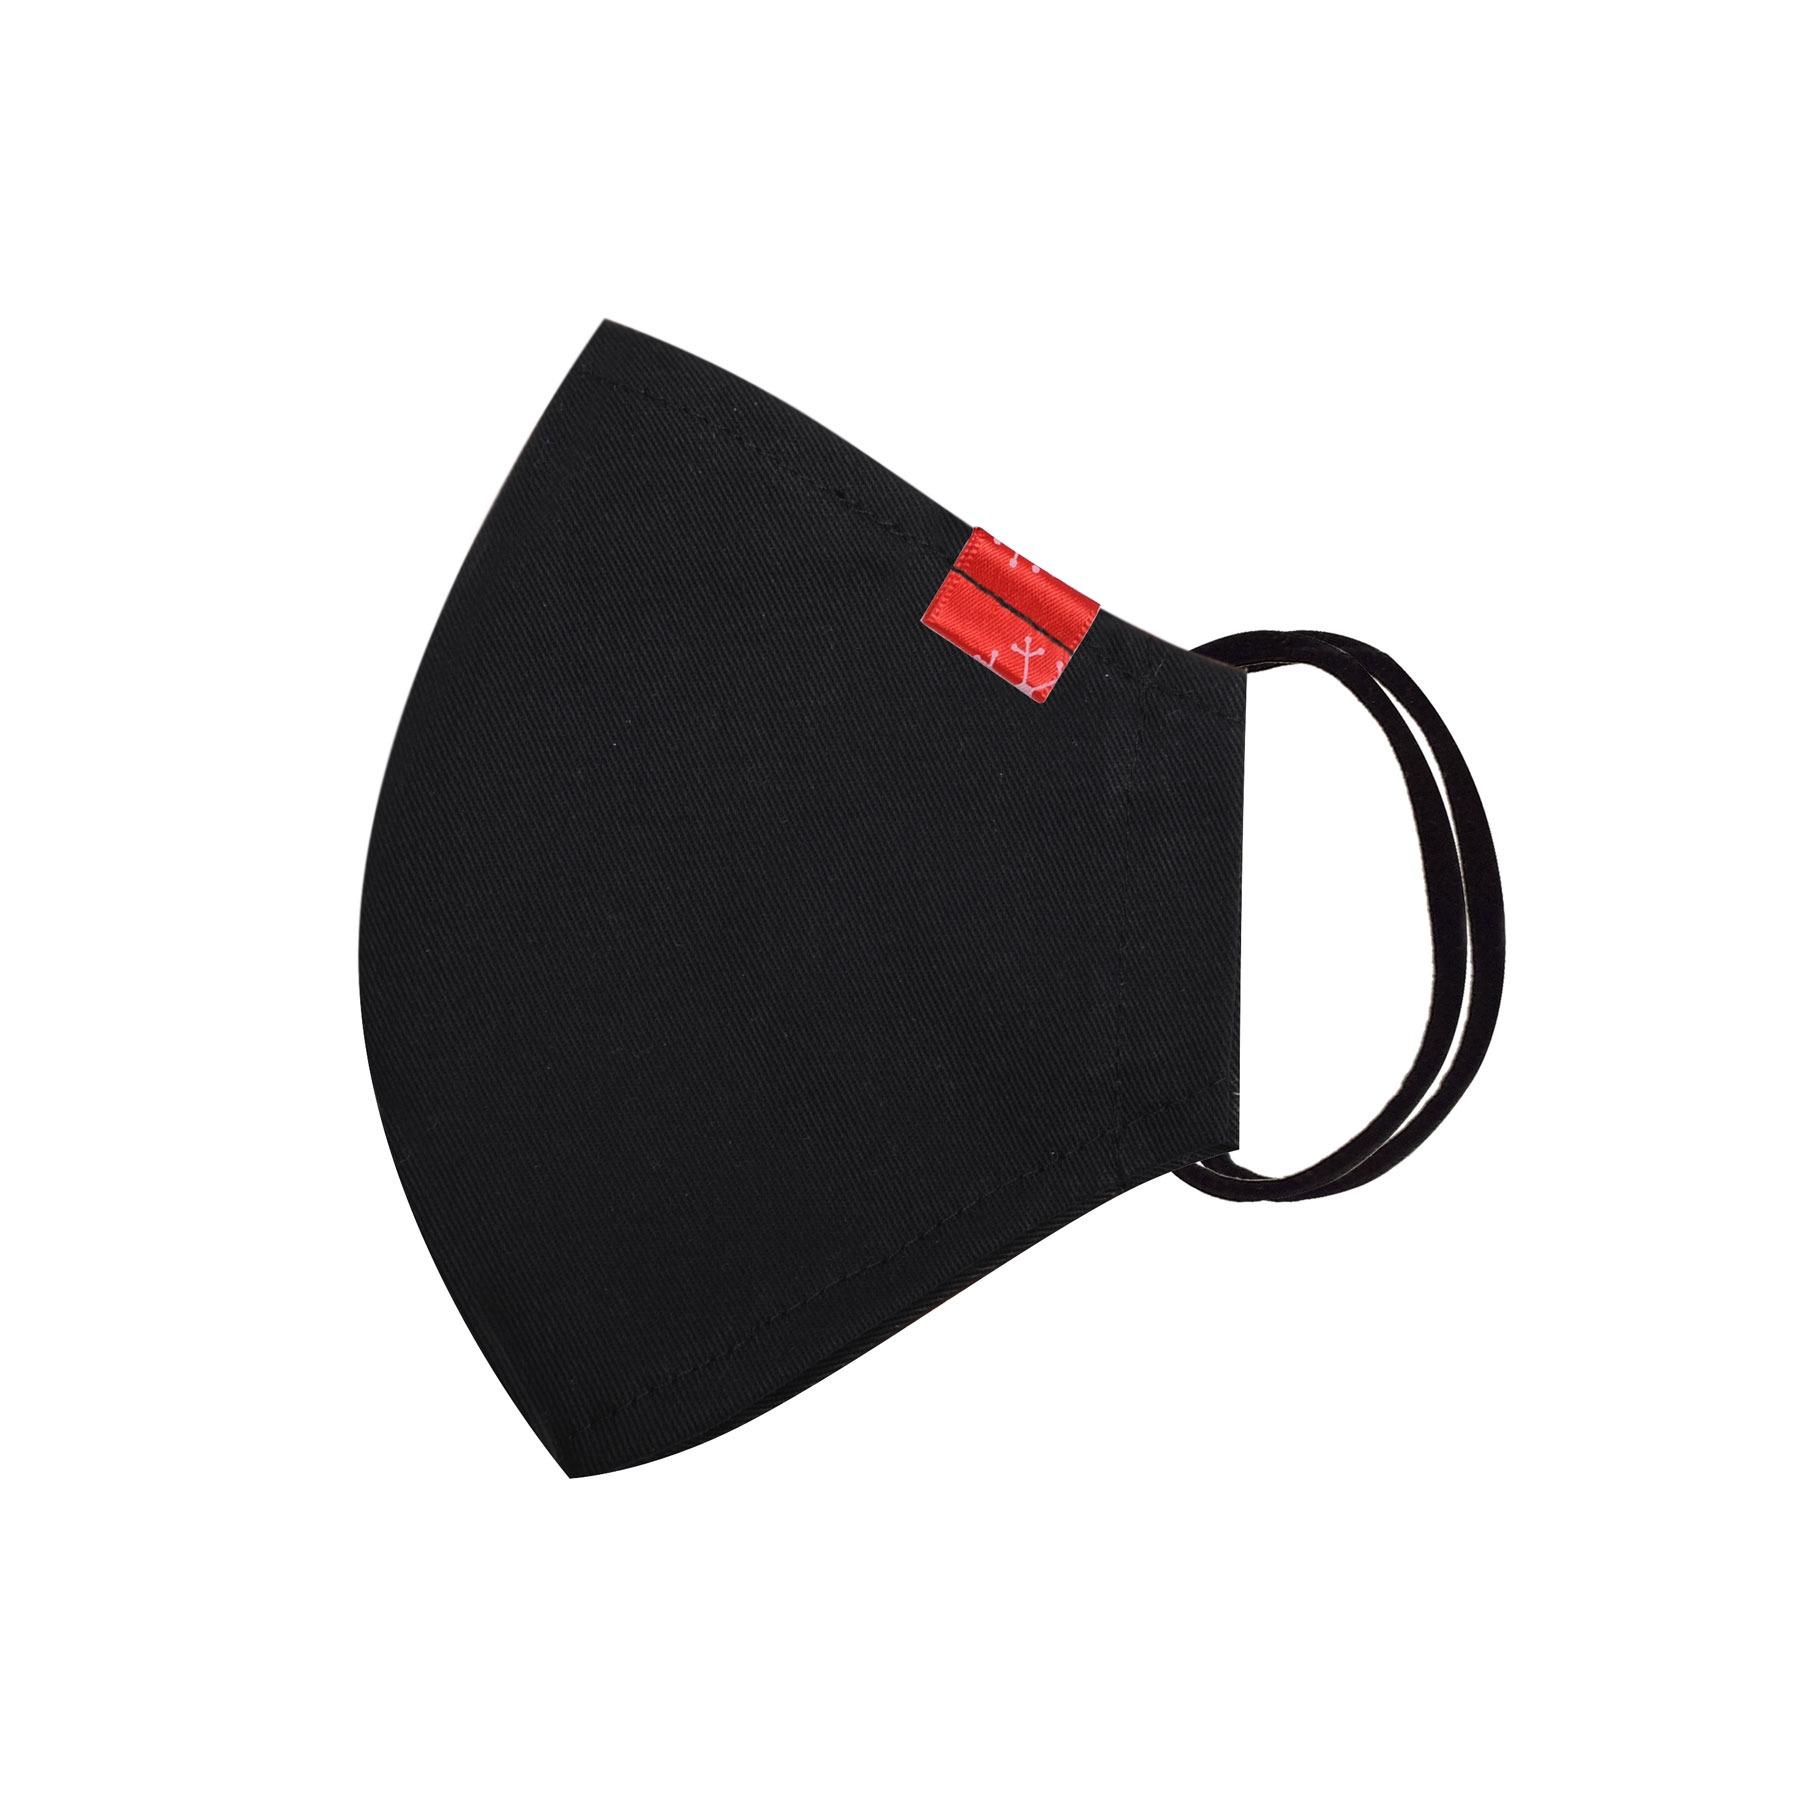 Módní bavlněné ústní roušky tvarované černé s červenou nášivkou, třívrstvé s filtrem a s gumičkami pánské